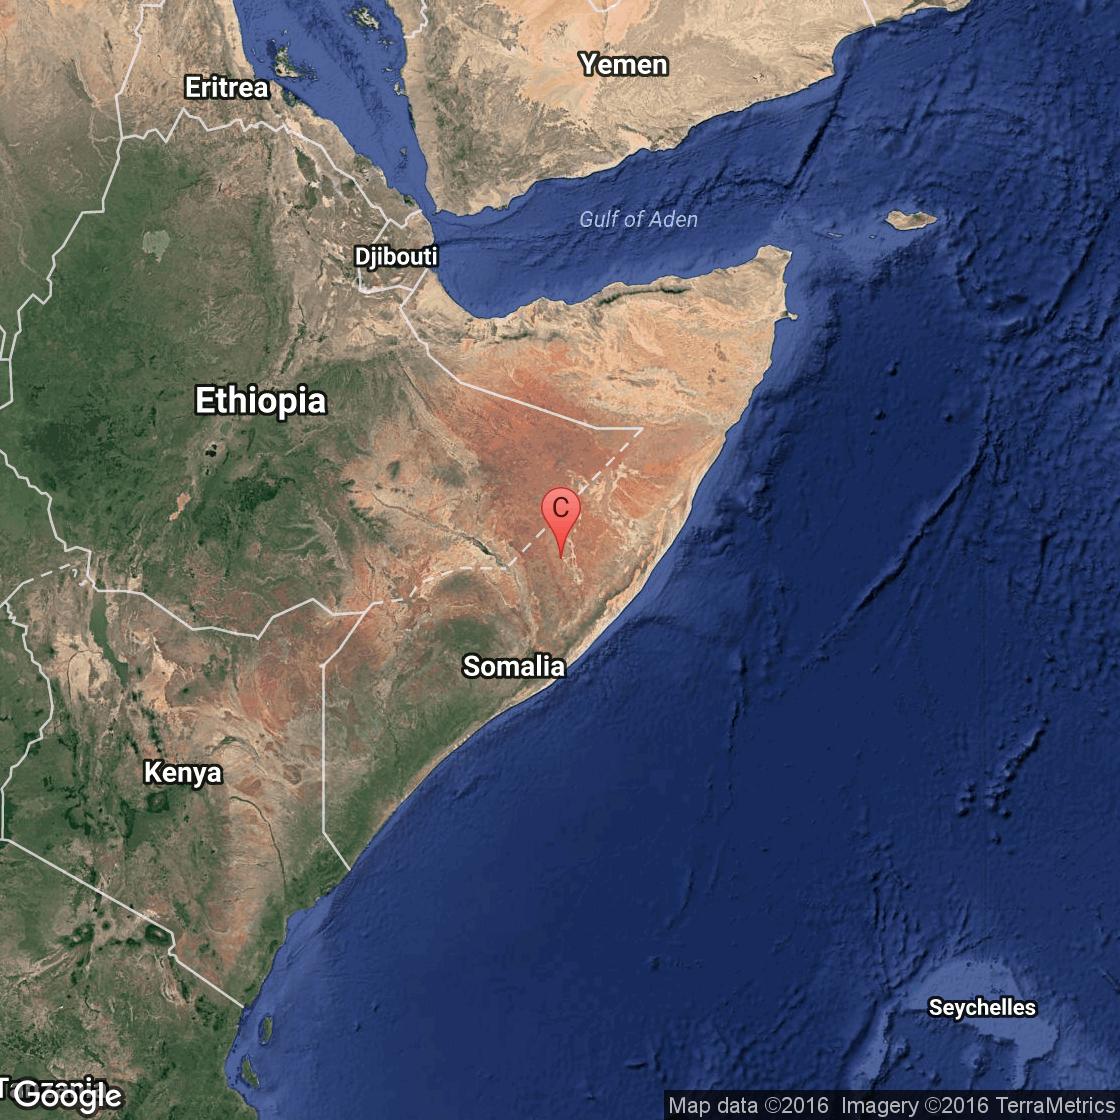 Landmarks In Somalia